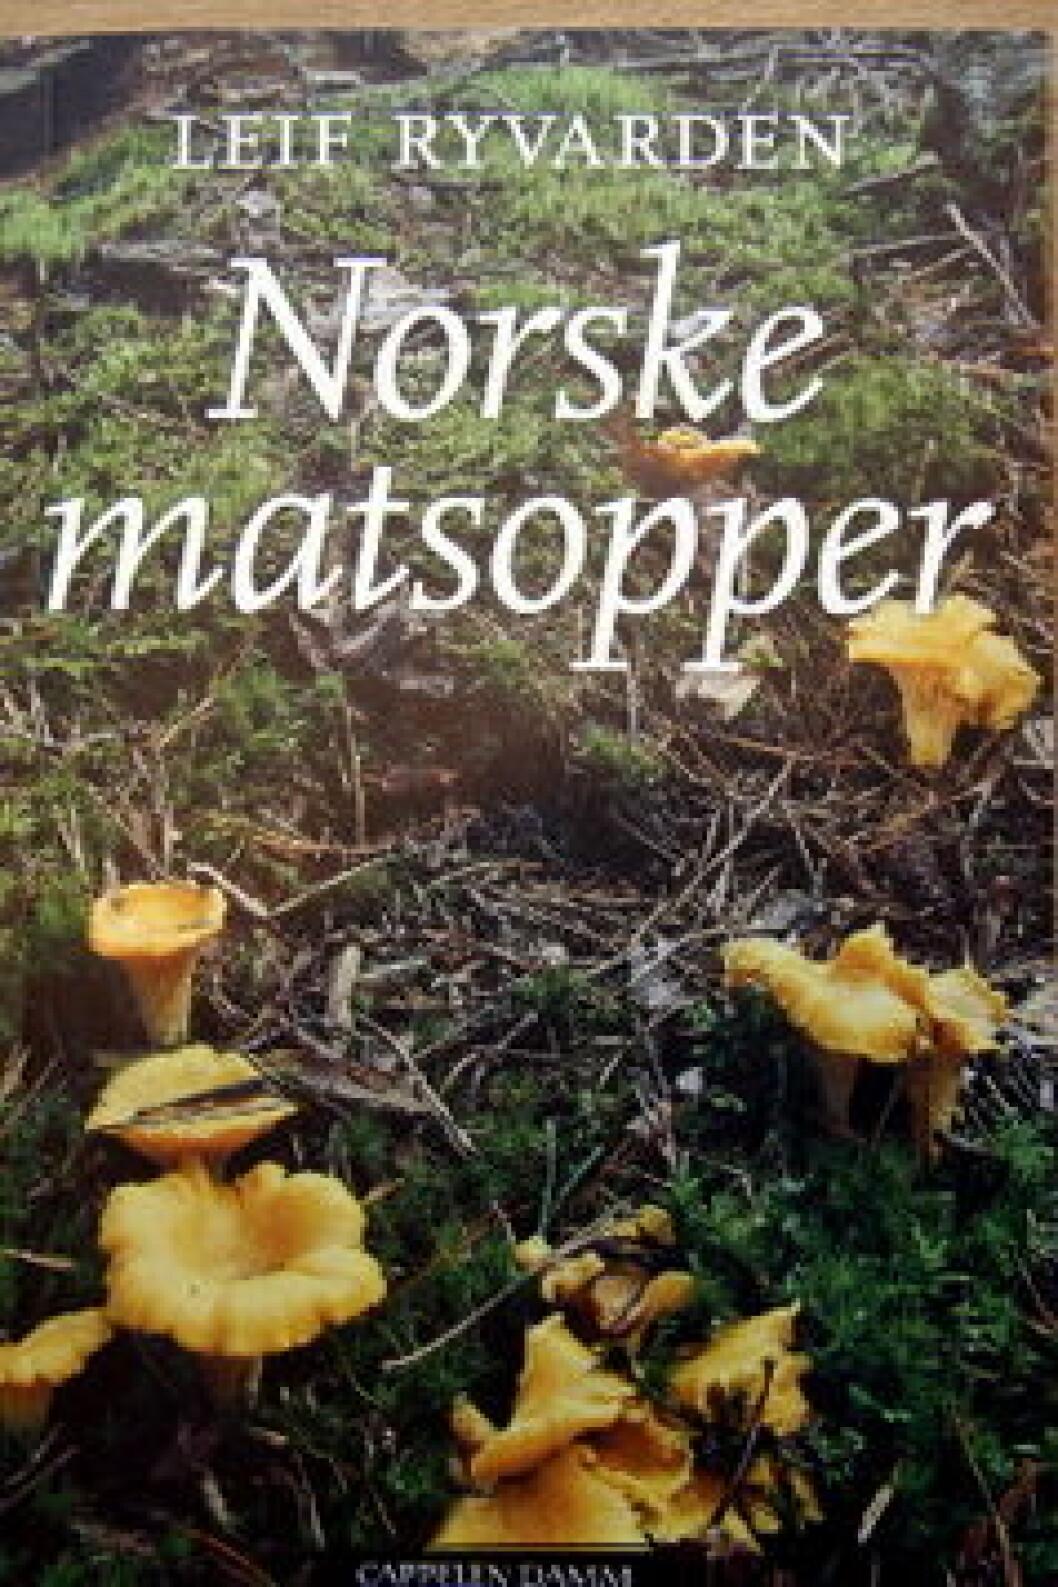 Norske matsopper bok (4)